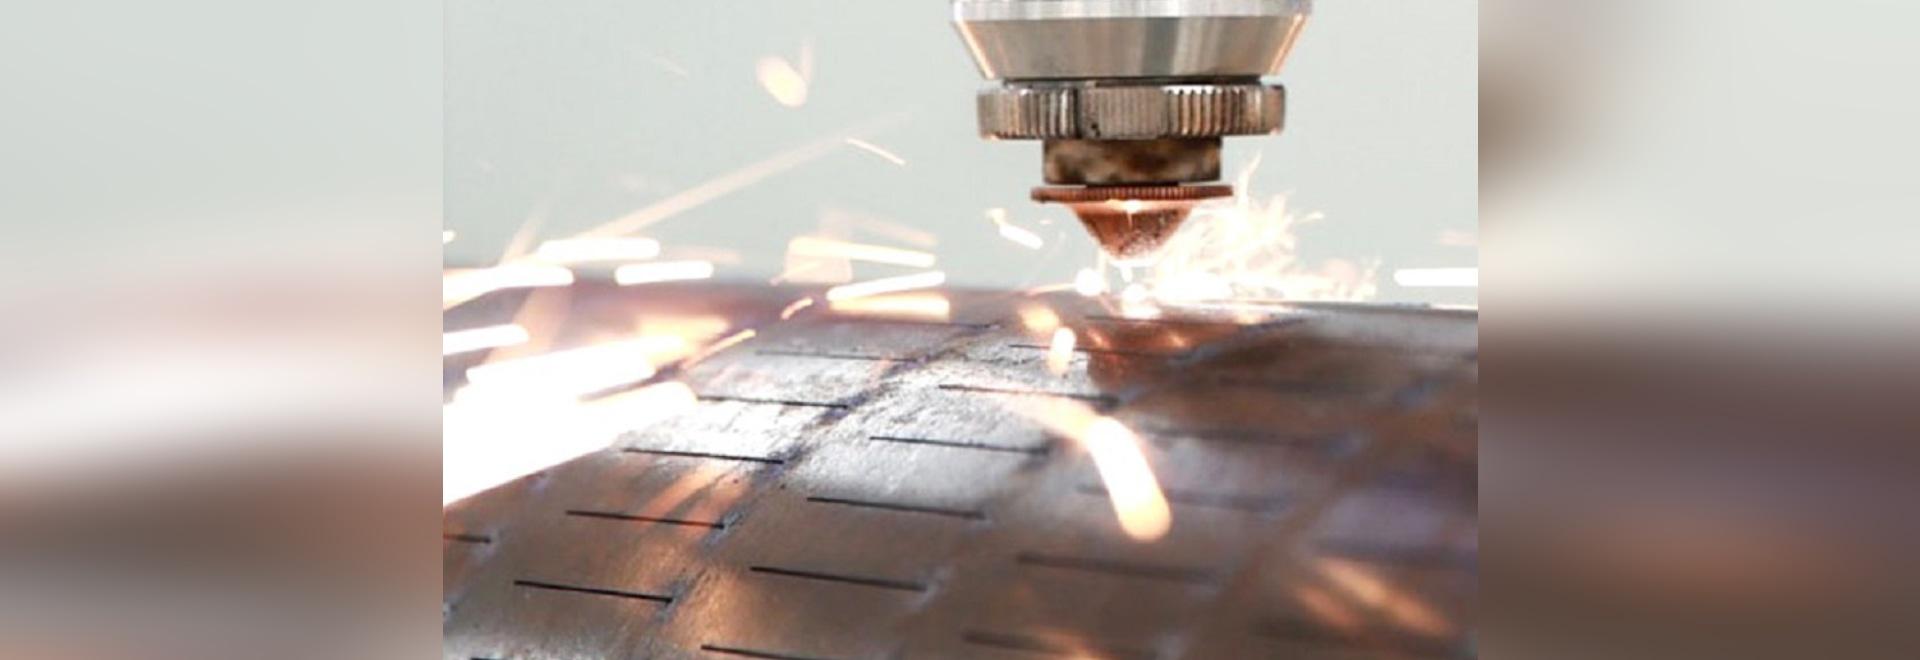 HGTECH laser applied in oil industry